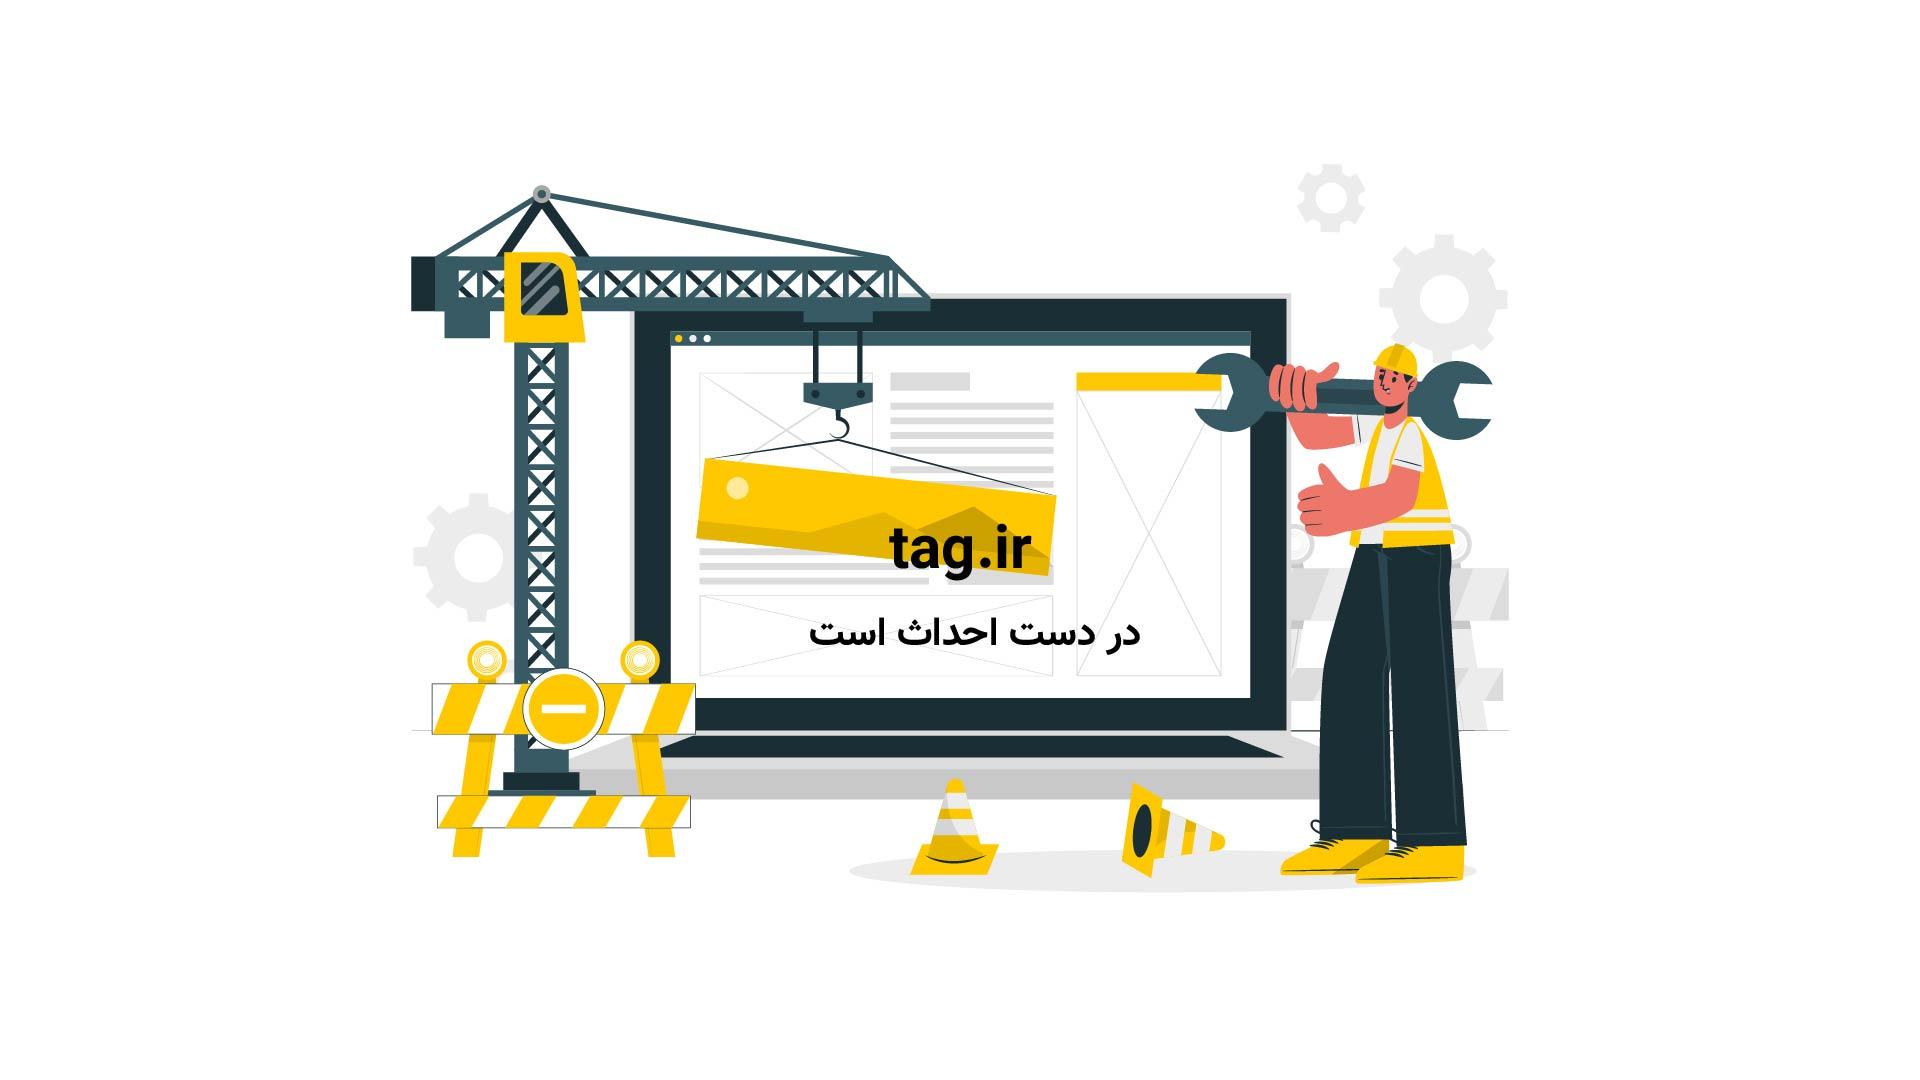 تایلند؛ بوفه سالانه میوه برای میمون ها | فیلم